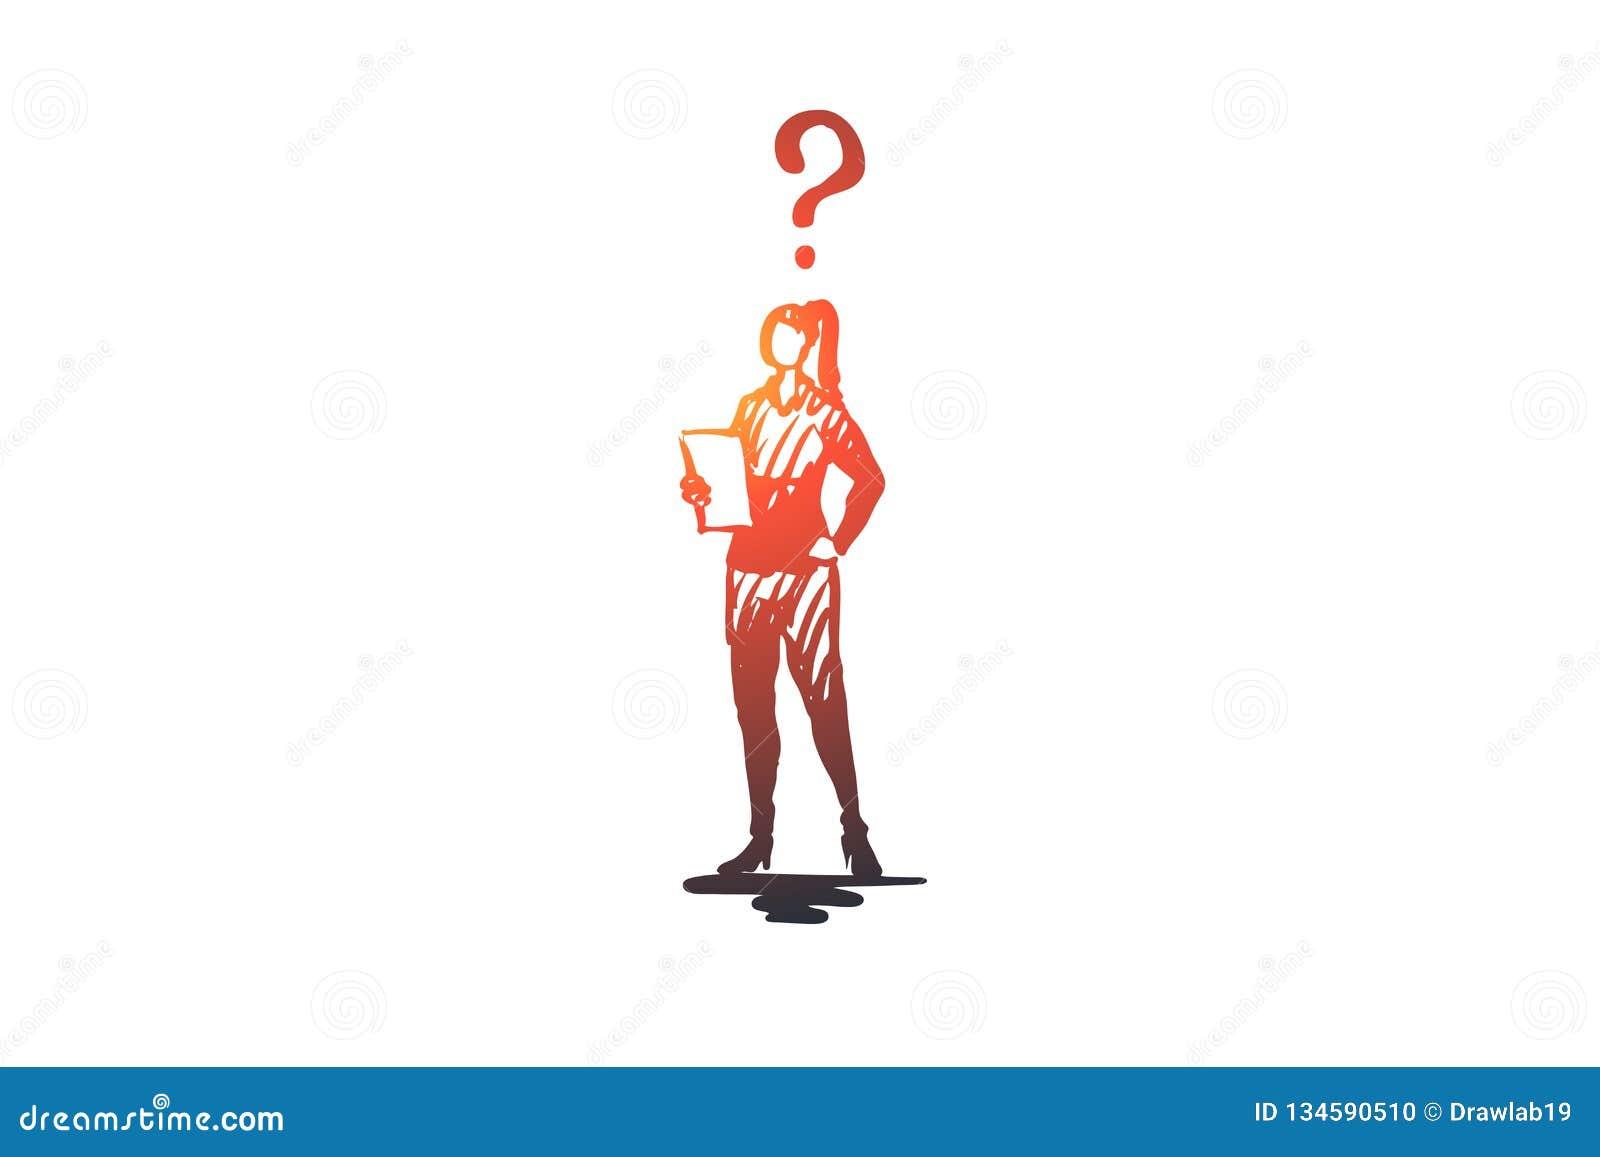 Sekreterare arbete, kontor, kvinna, upptaget begrepp Hand dragen isolerad vektor